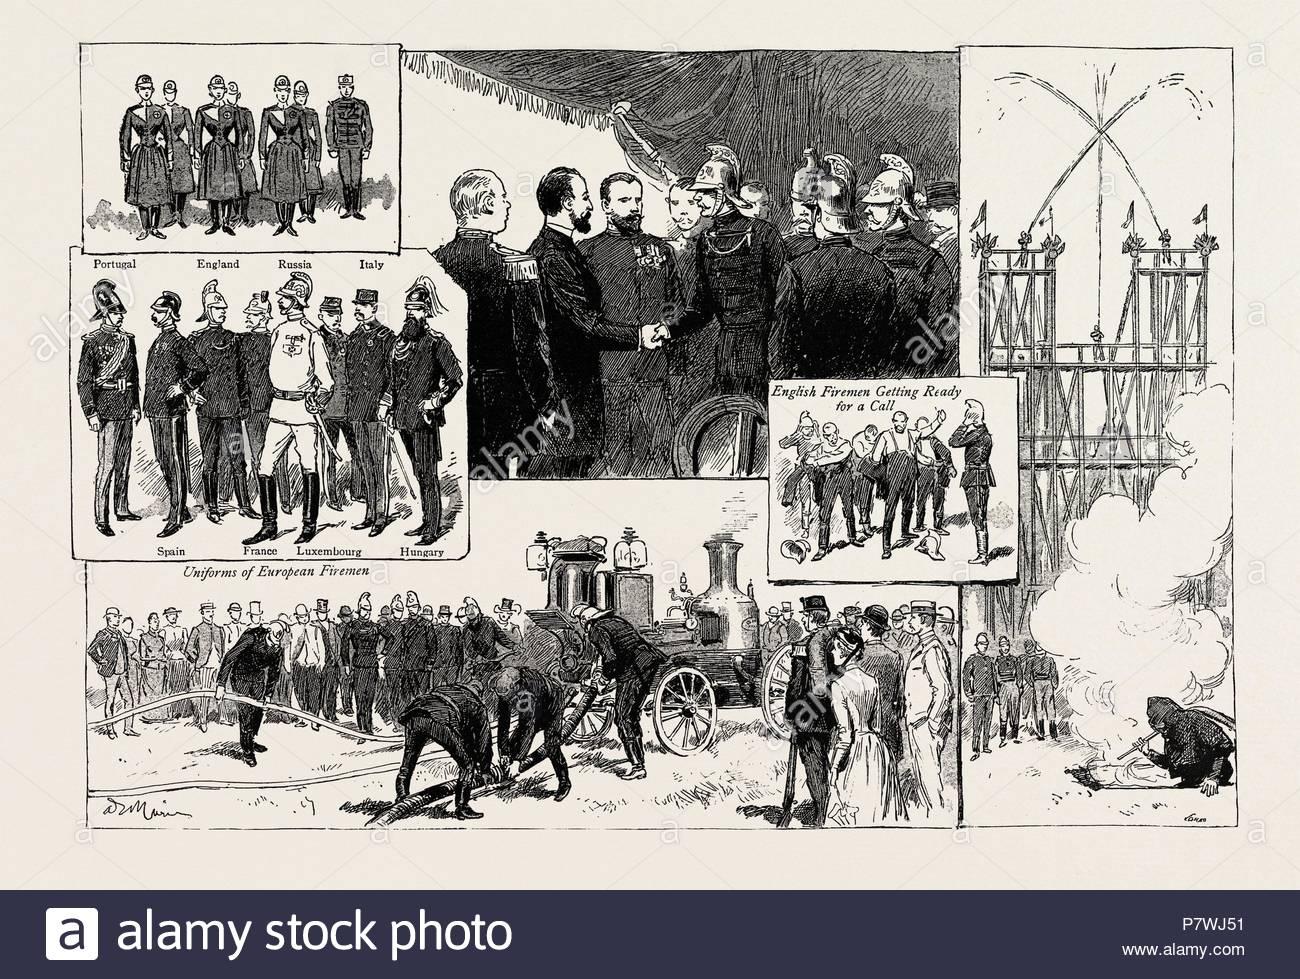 Die Feuerwehr Kongress In Paris Frankreich 1889 Englisch